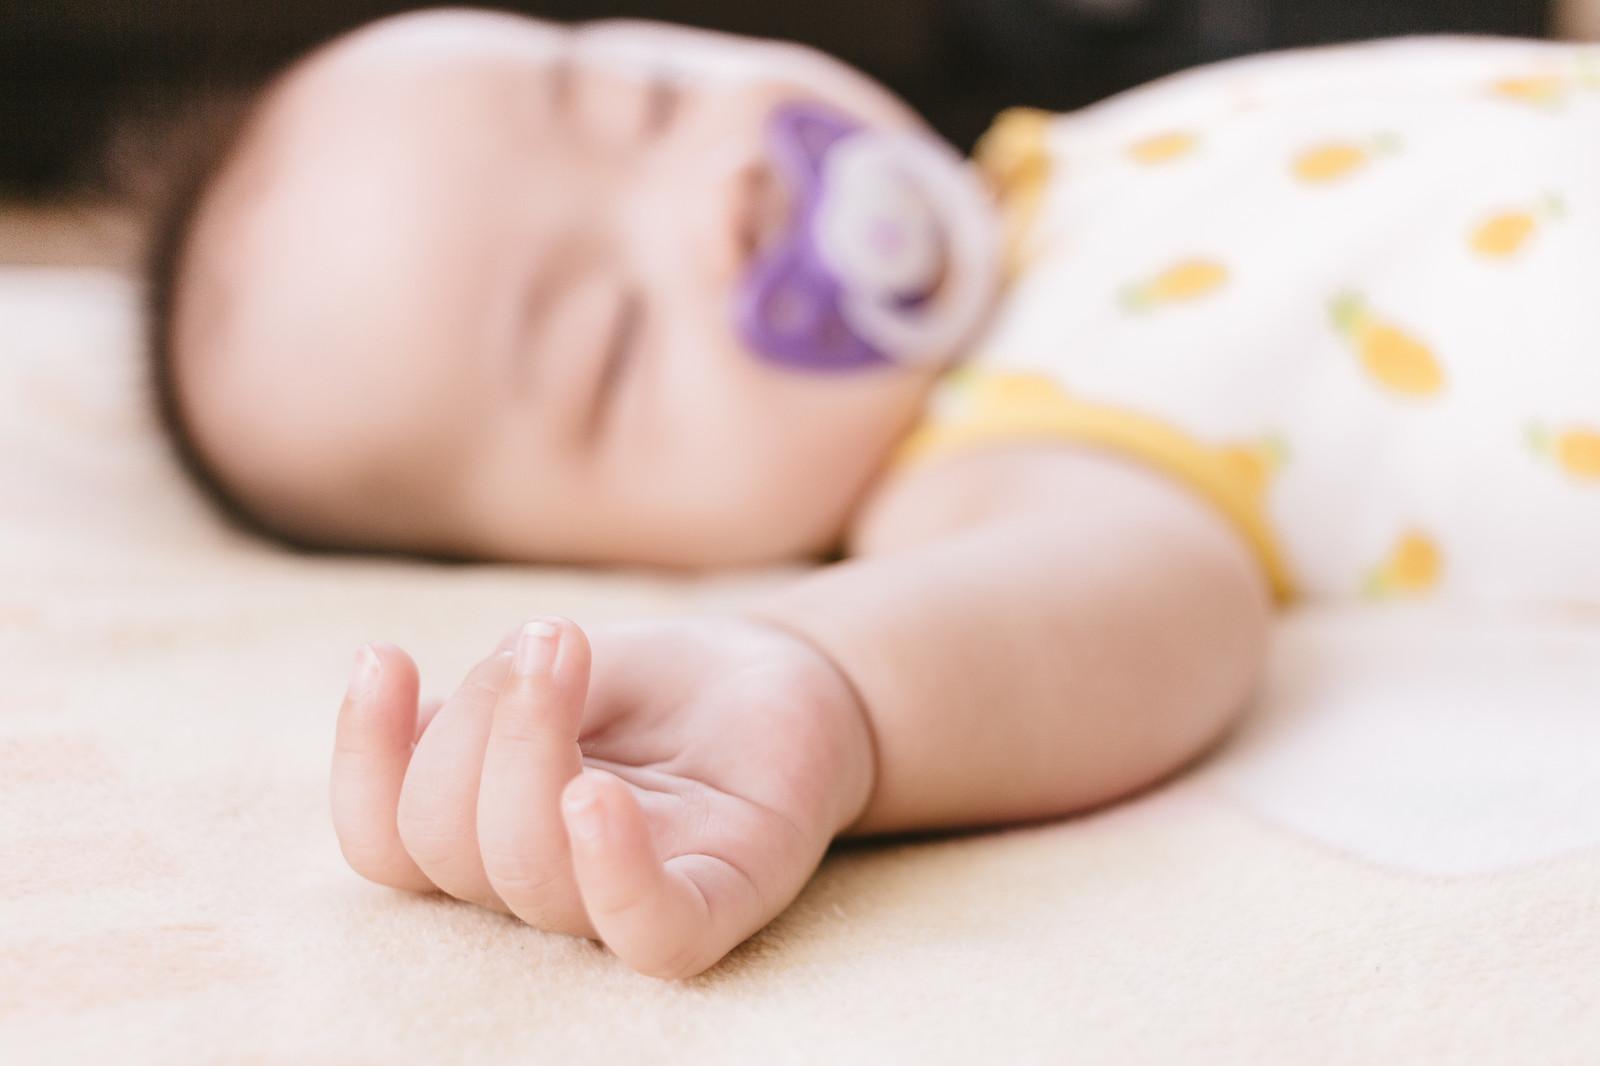 低出生児の看護│看護目標や看護計画について詳しく解説します!